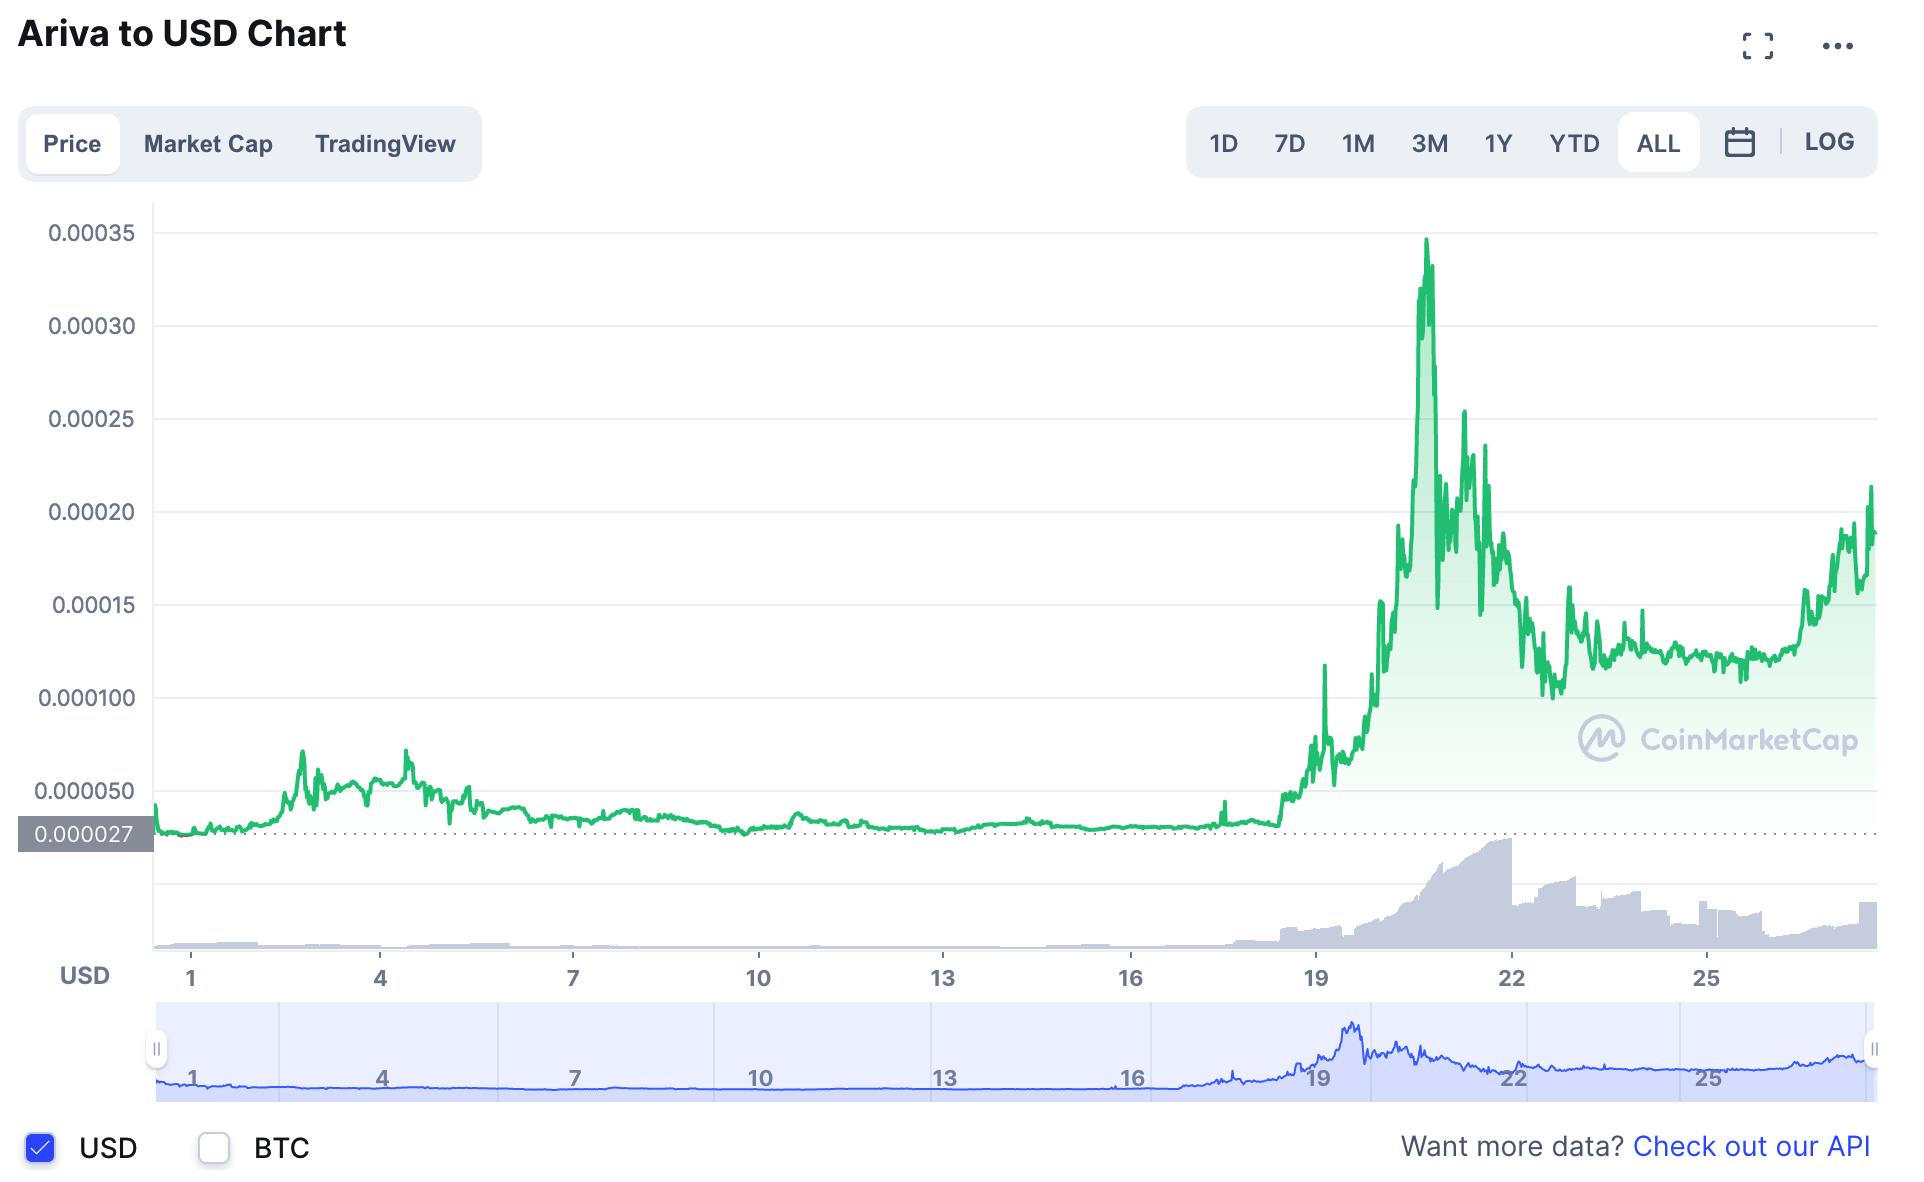 아리바/미국달러 차트